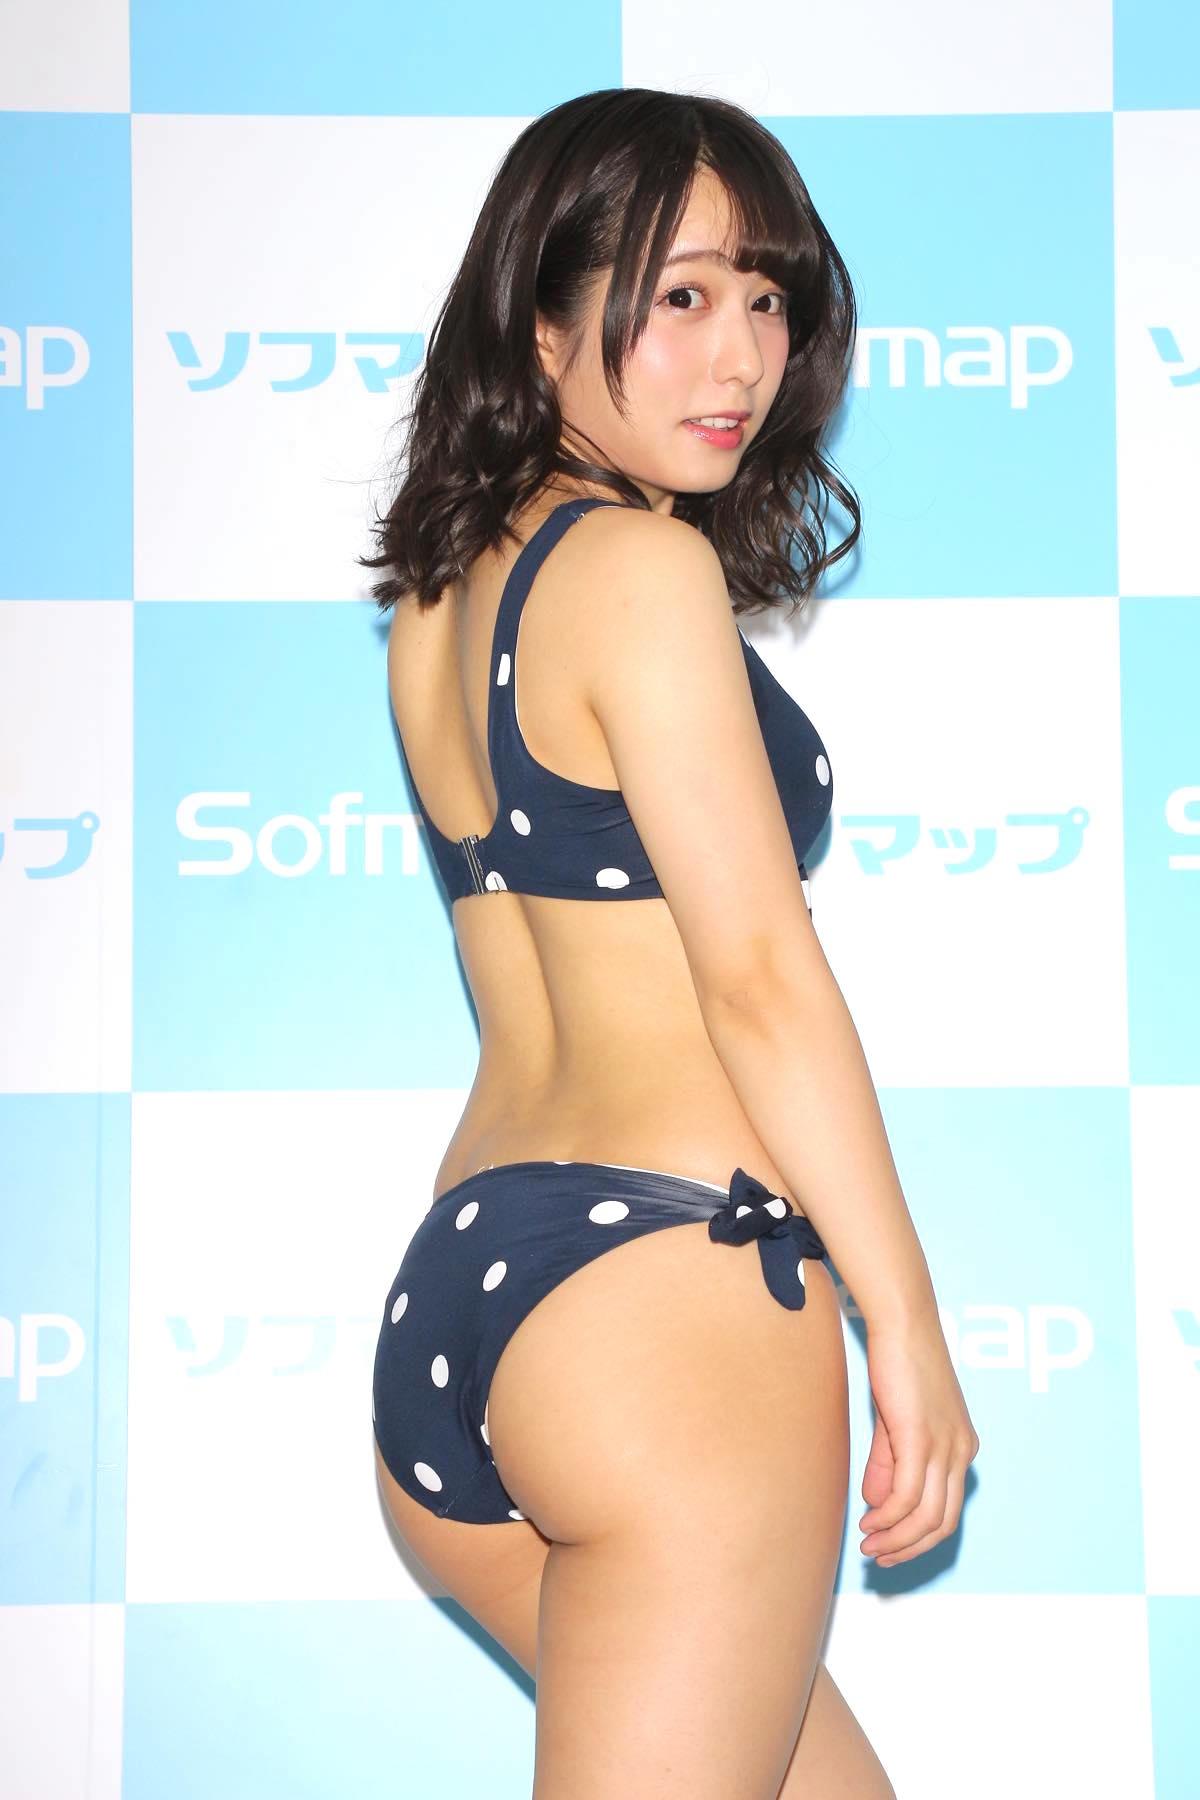 前田美里「泡ブラに初挑戦」オトナの色気も出せるように変化!?【写真24枚】の画像004